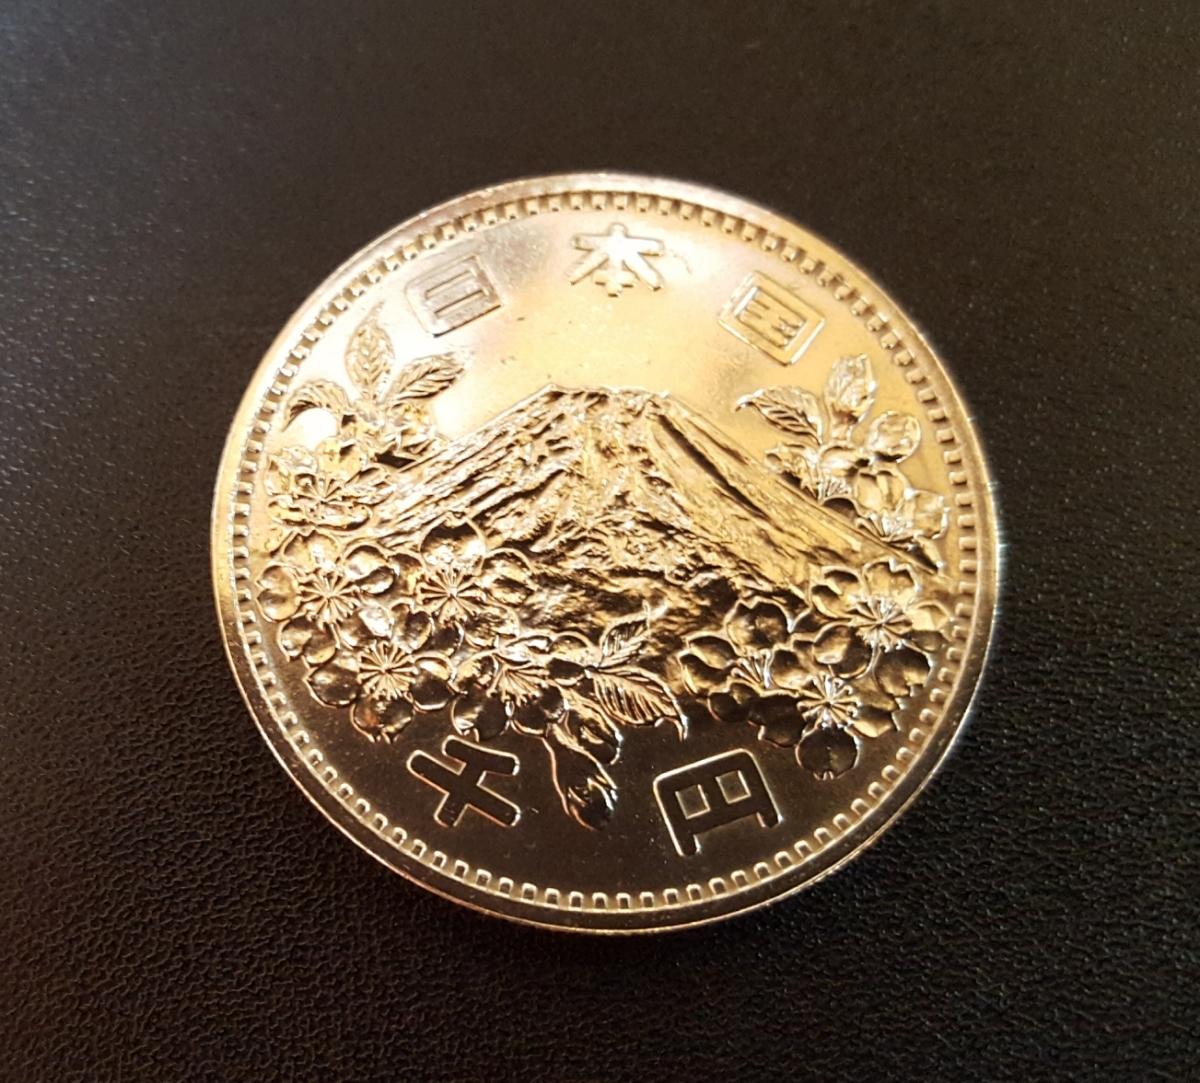 東京オリンピック1000円銀貨 東京五輪 記念硬貨 AAA級(最上位レベル)品位 BB20 1000円スタート!_画像2